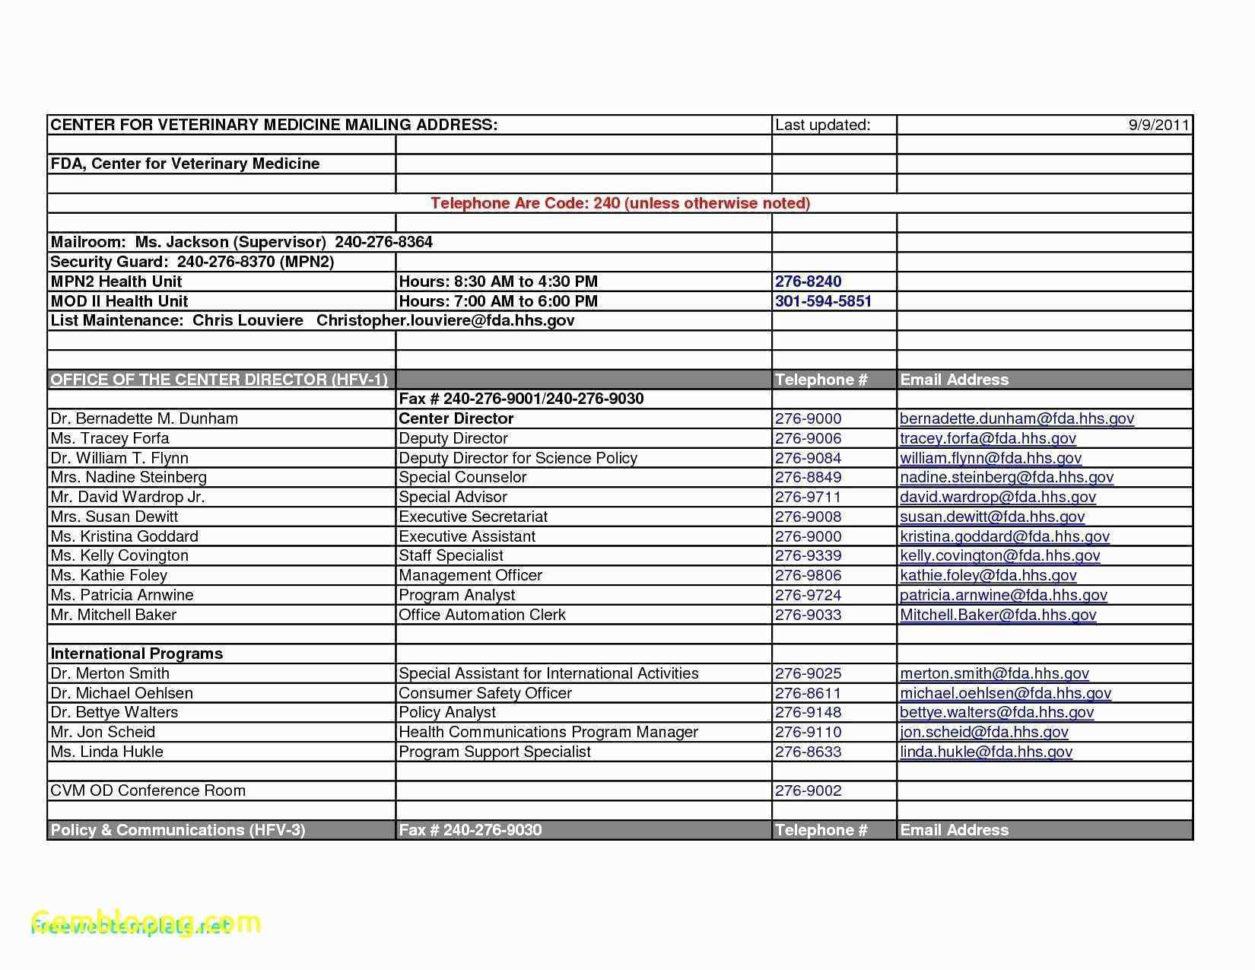 Landlord Spreadsheet Template Free Uk For Landlord Spreadsheet Free Template Uk Excel Expenses Accounts